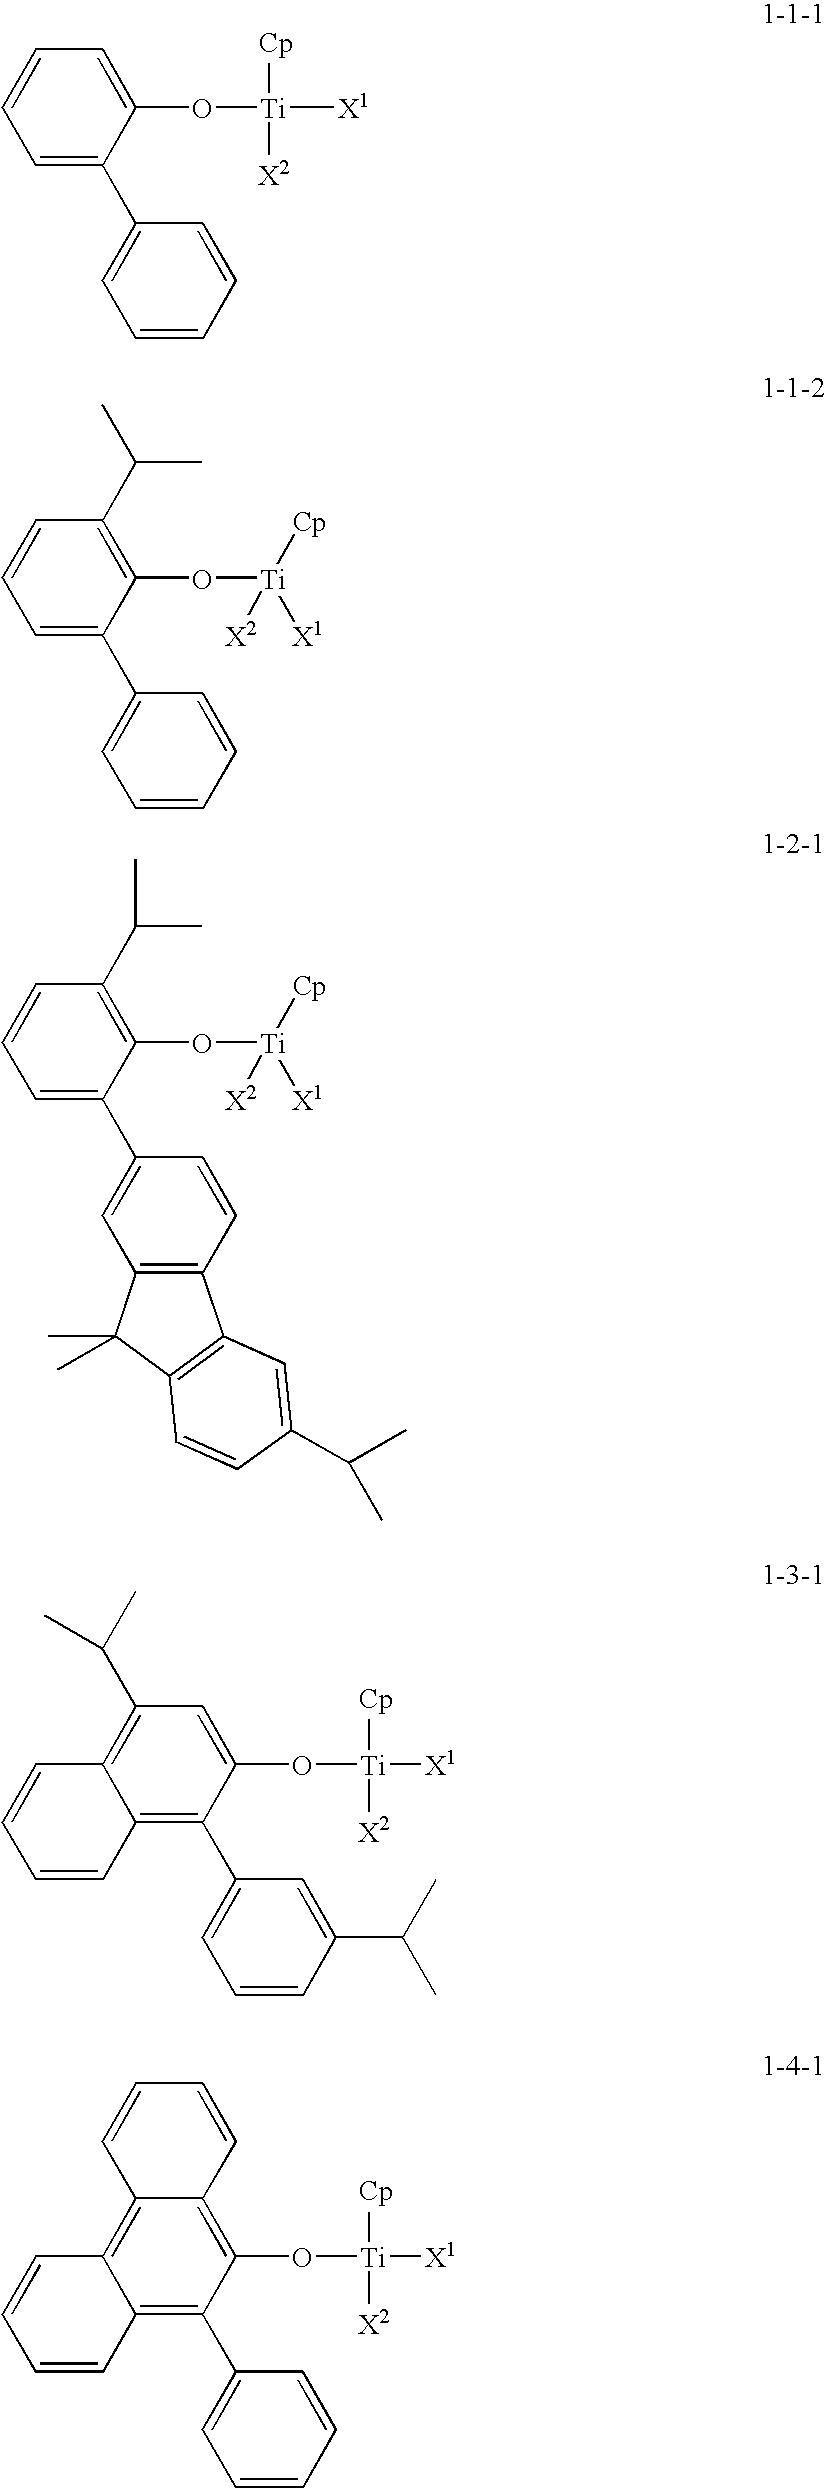 Figure US20100120981A1-20100513-C00008